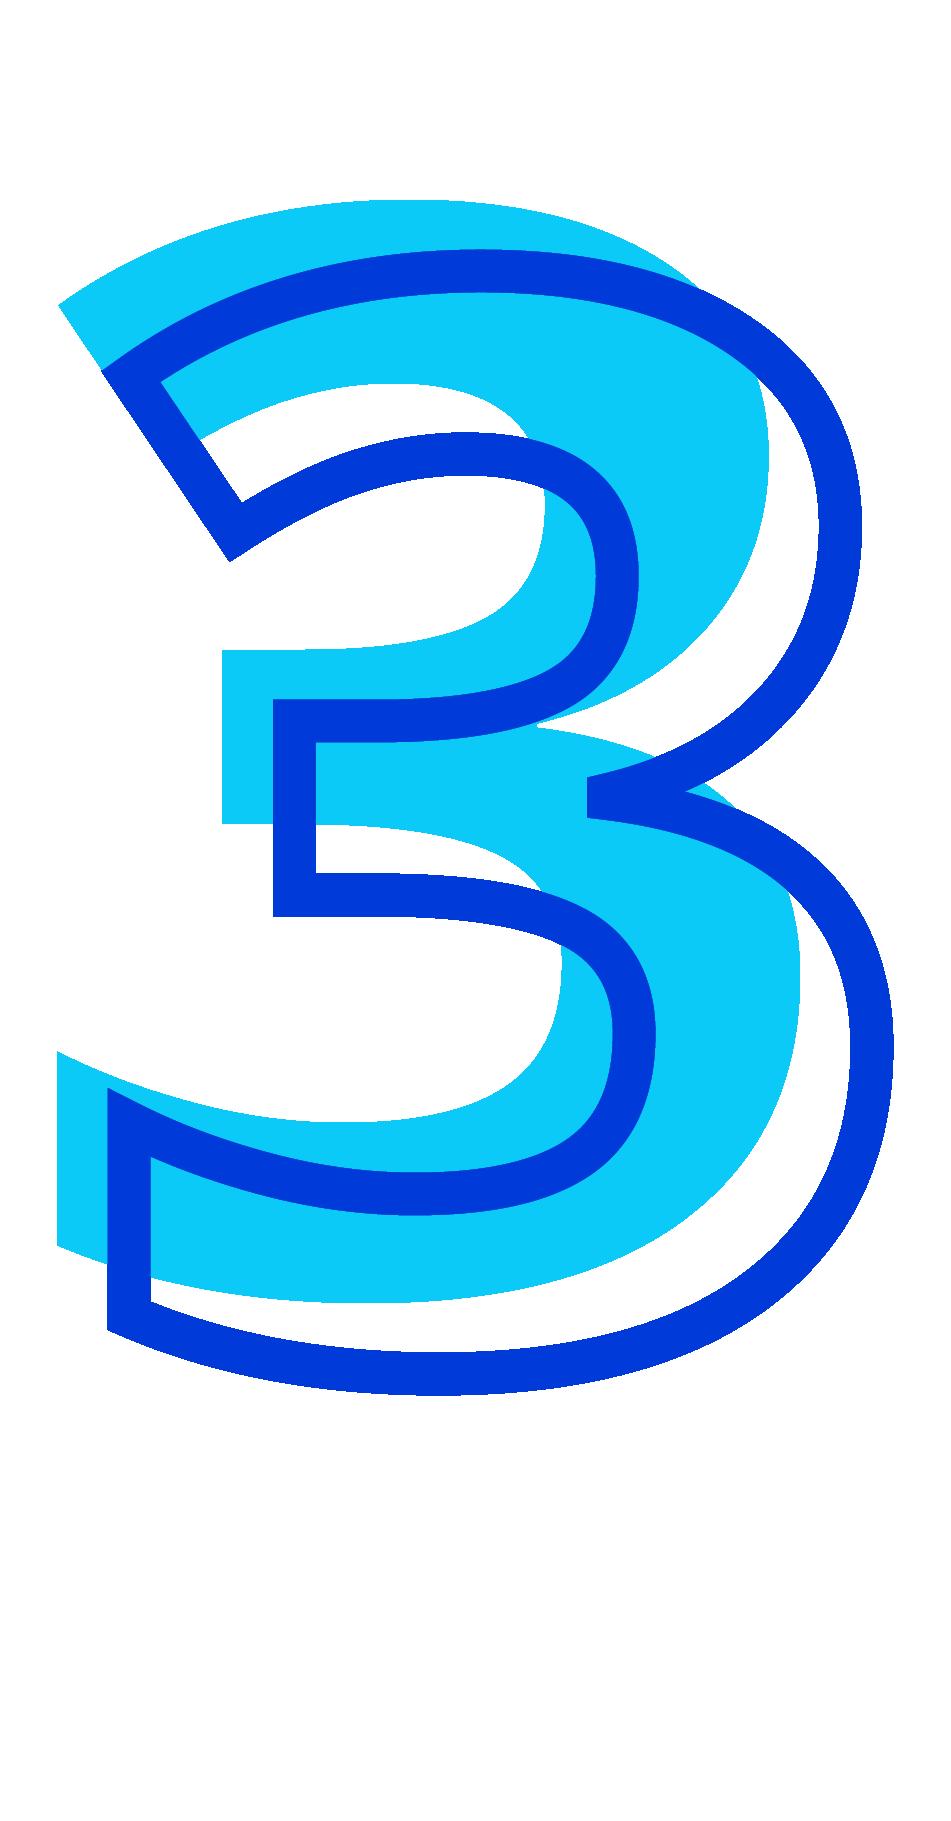 Asset 25